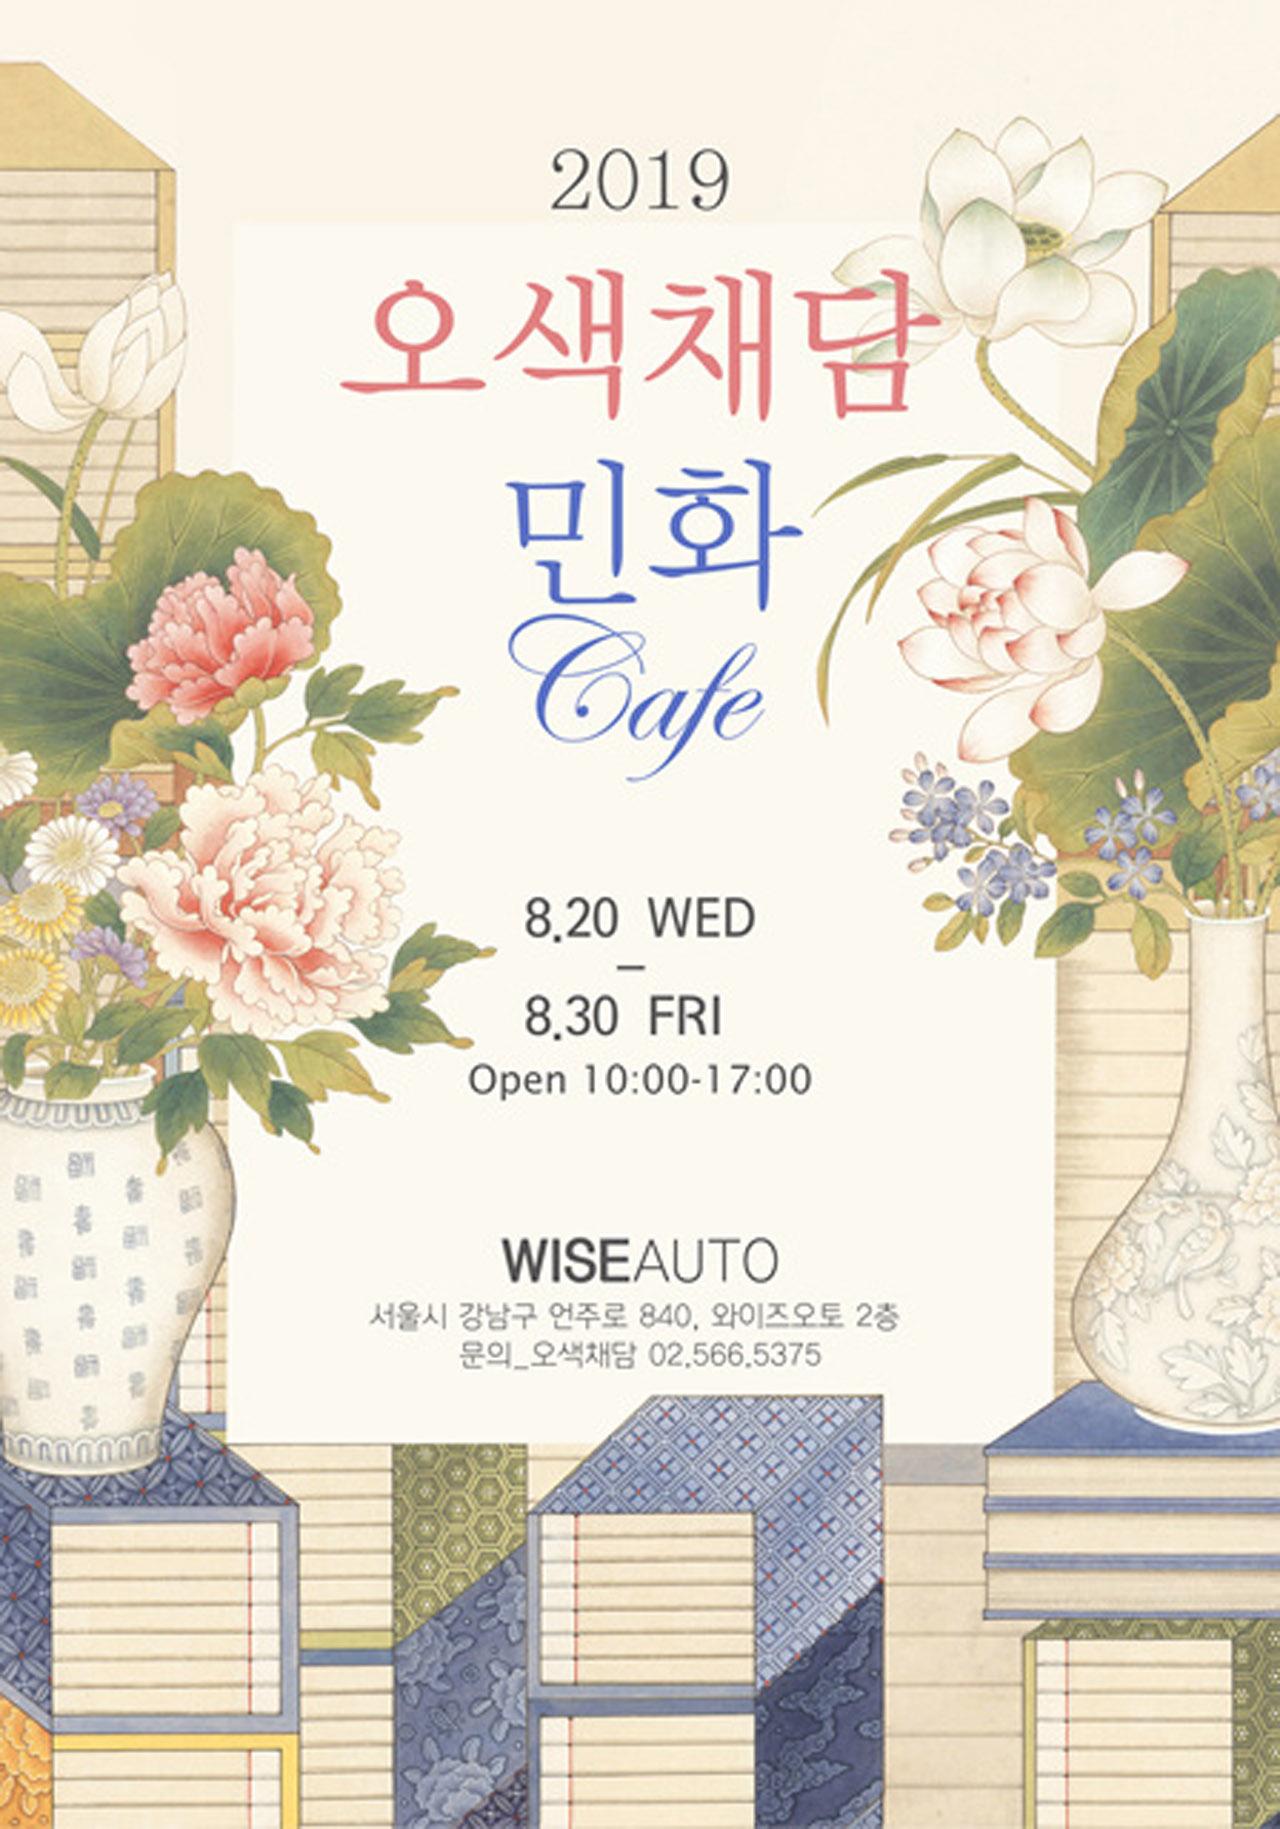 [참고사진] 와이즈오토, 제6회 유로스타 클래스 '민화 카페' 진행_포스터